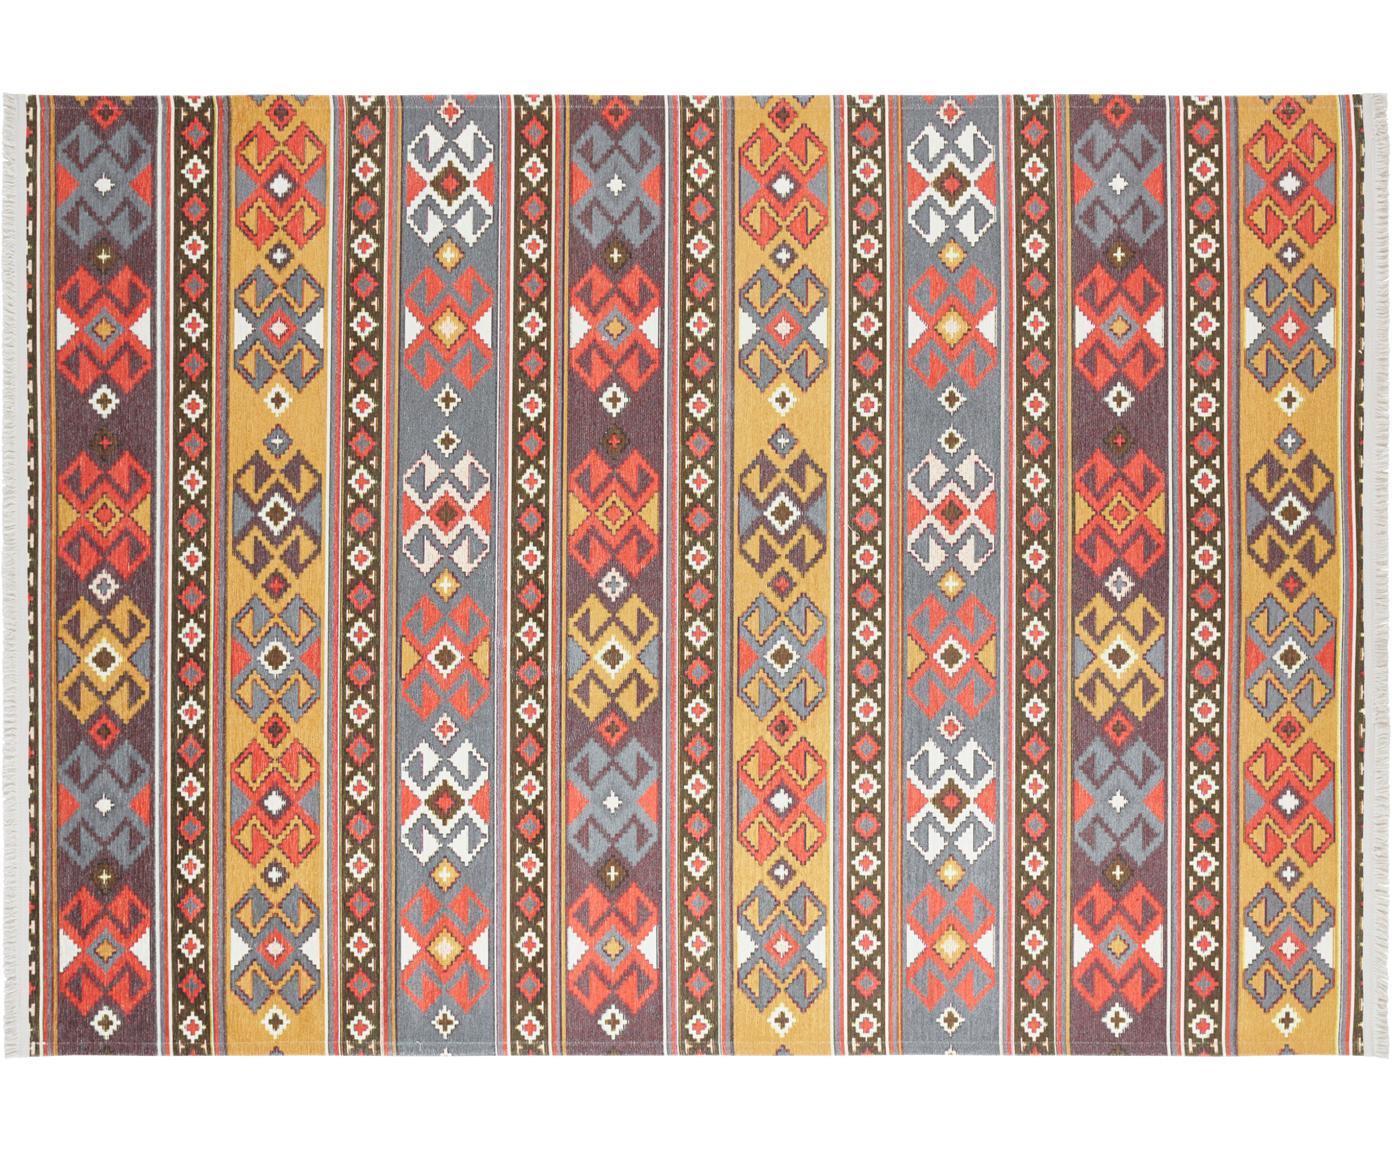 Teppich Kevan im Orientstyle, Flor: 50%Polyester, 50%Baumwo, Mehrfarbig, B 160 x L 230 cm (Grösse M)